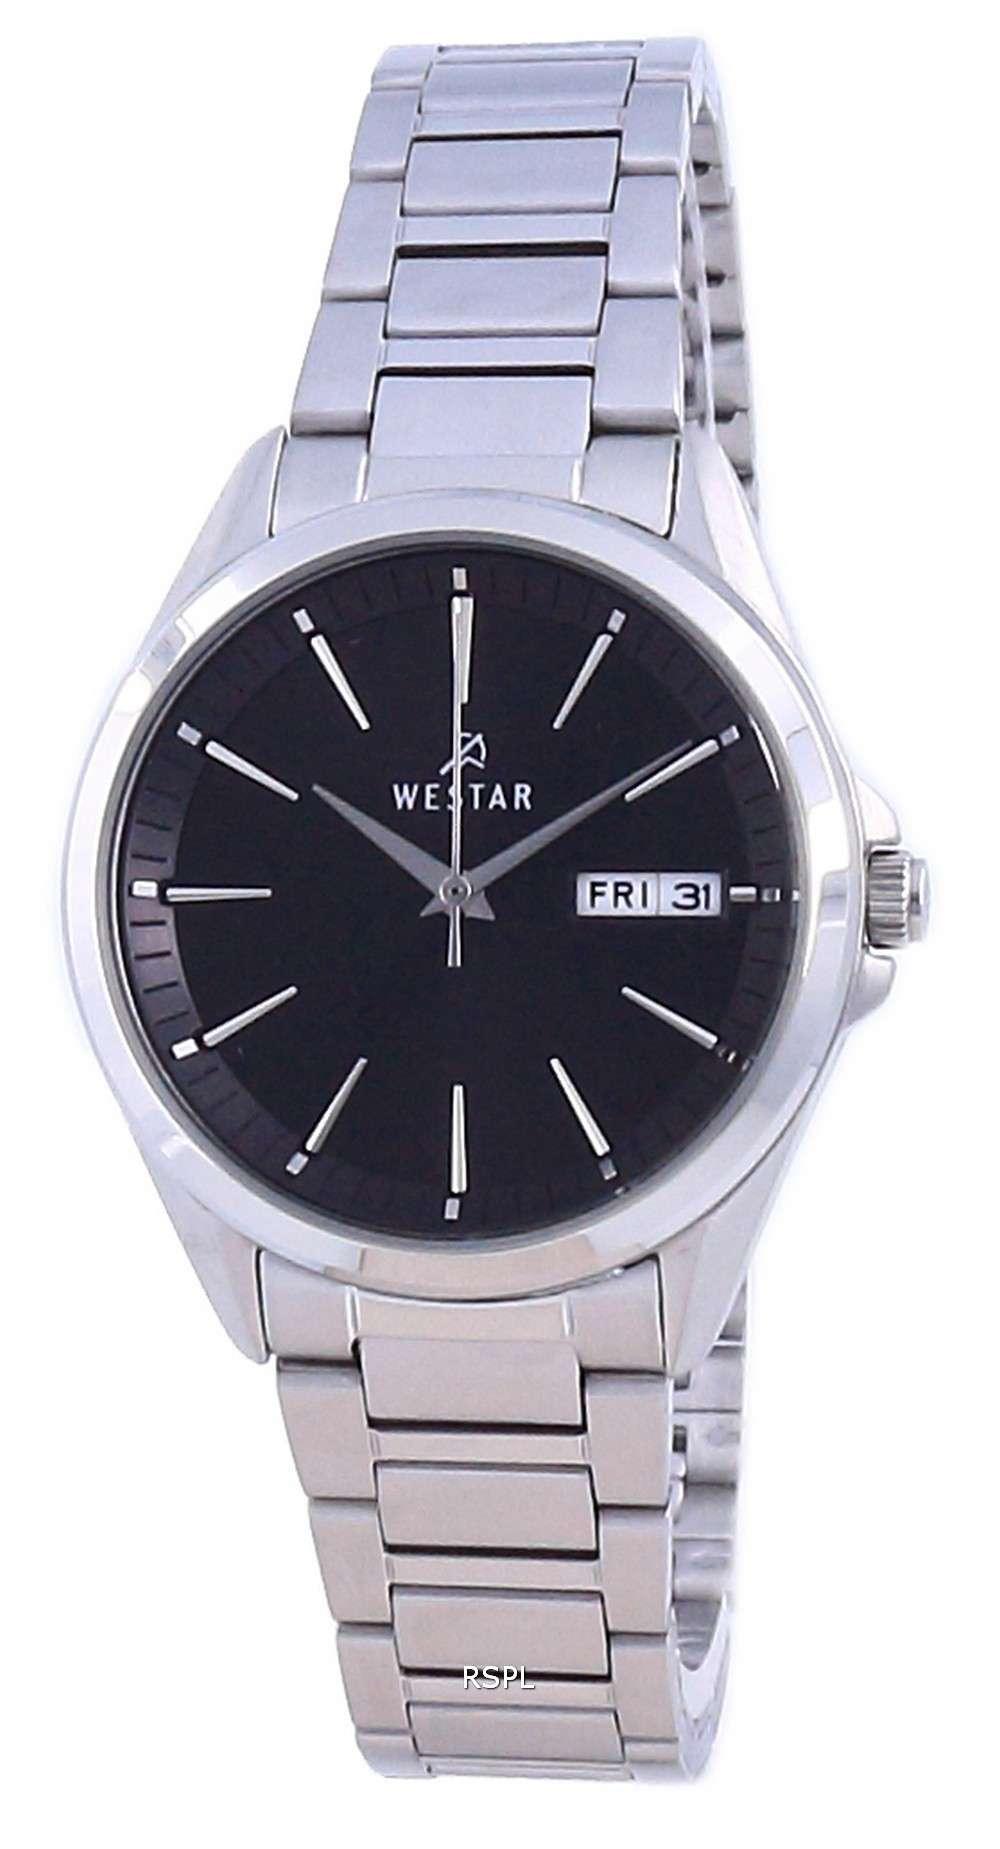 Westar, esfera negra, acero inoxidable, cuarzo 40212 STN 103, reloj para mujer